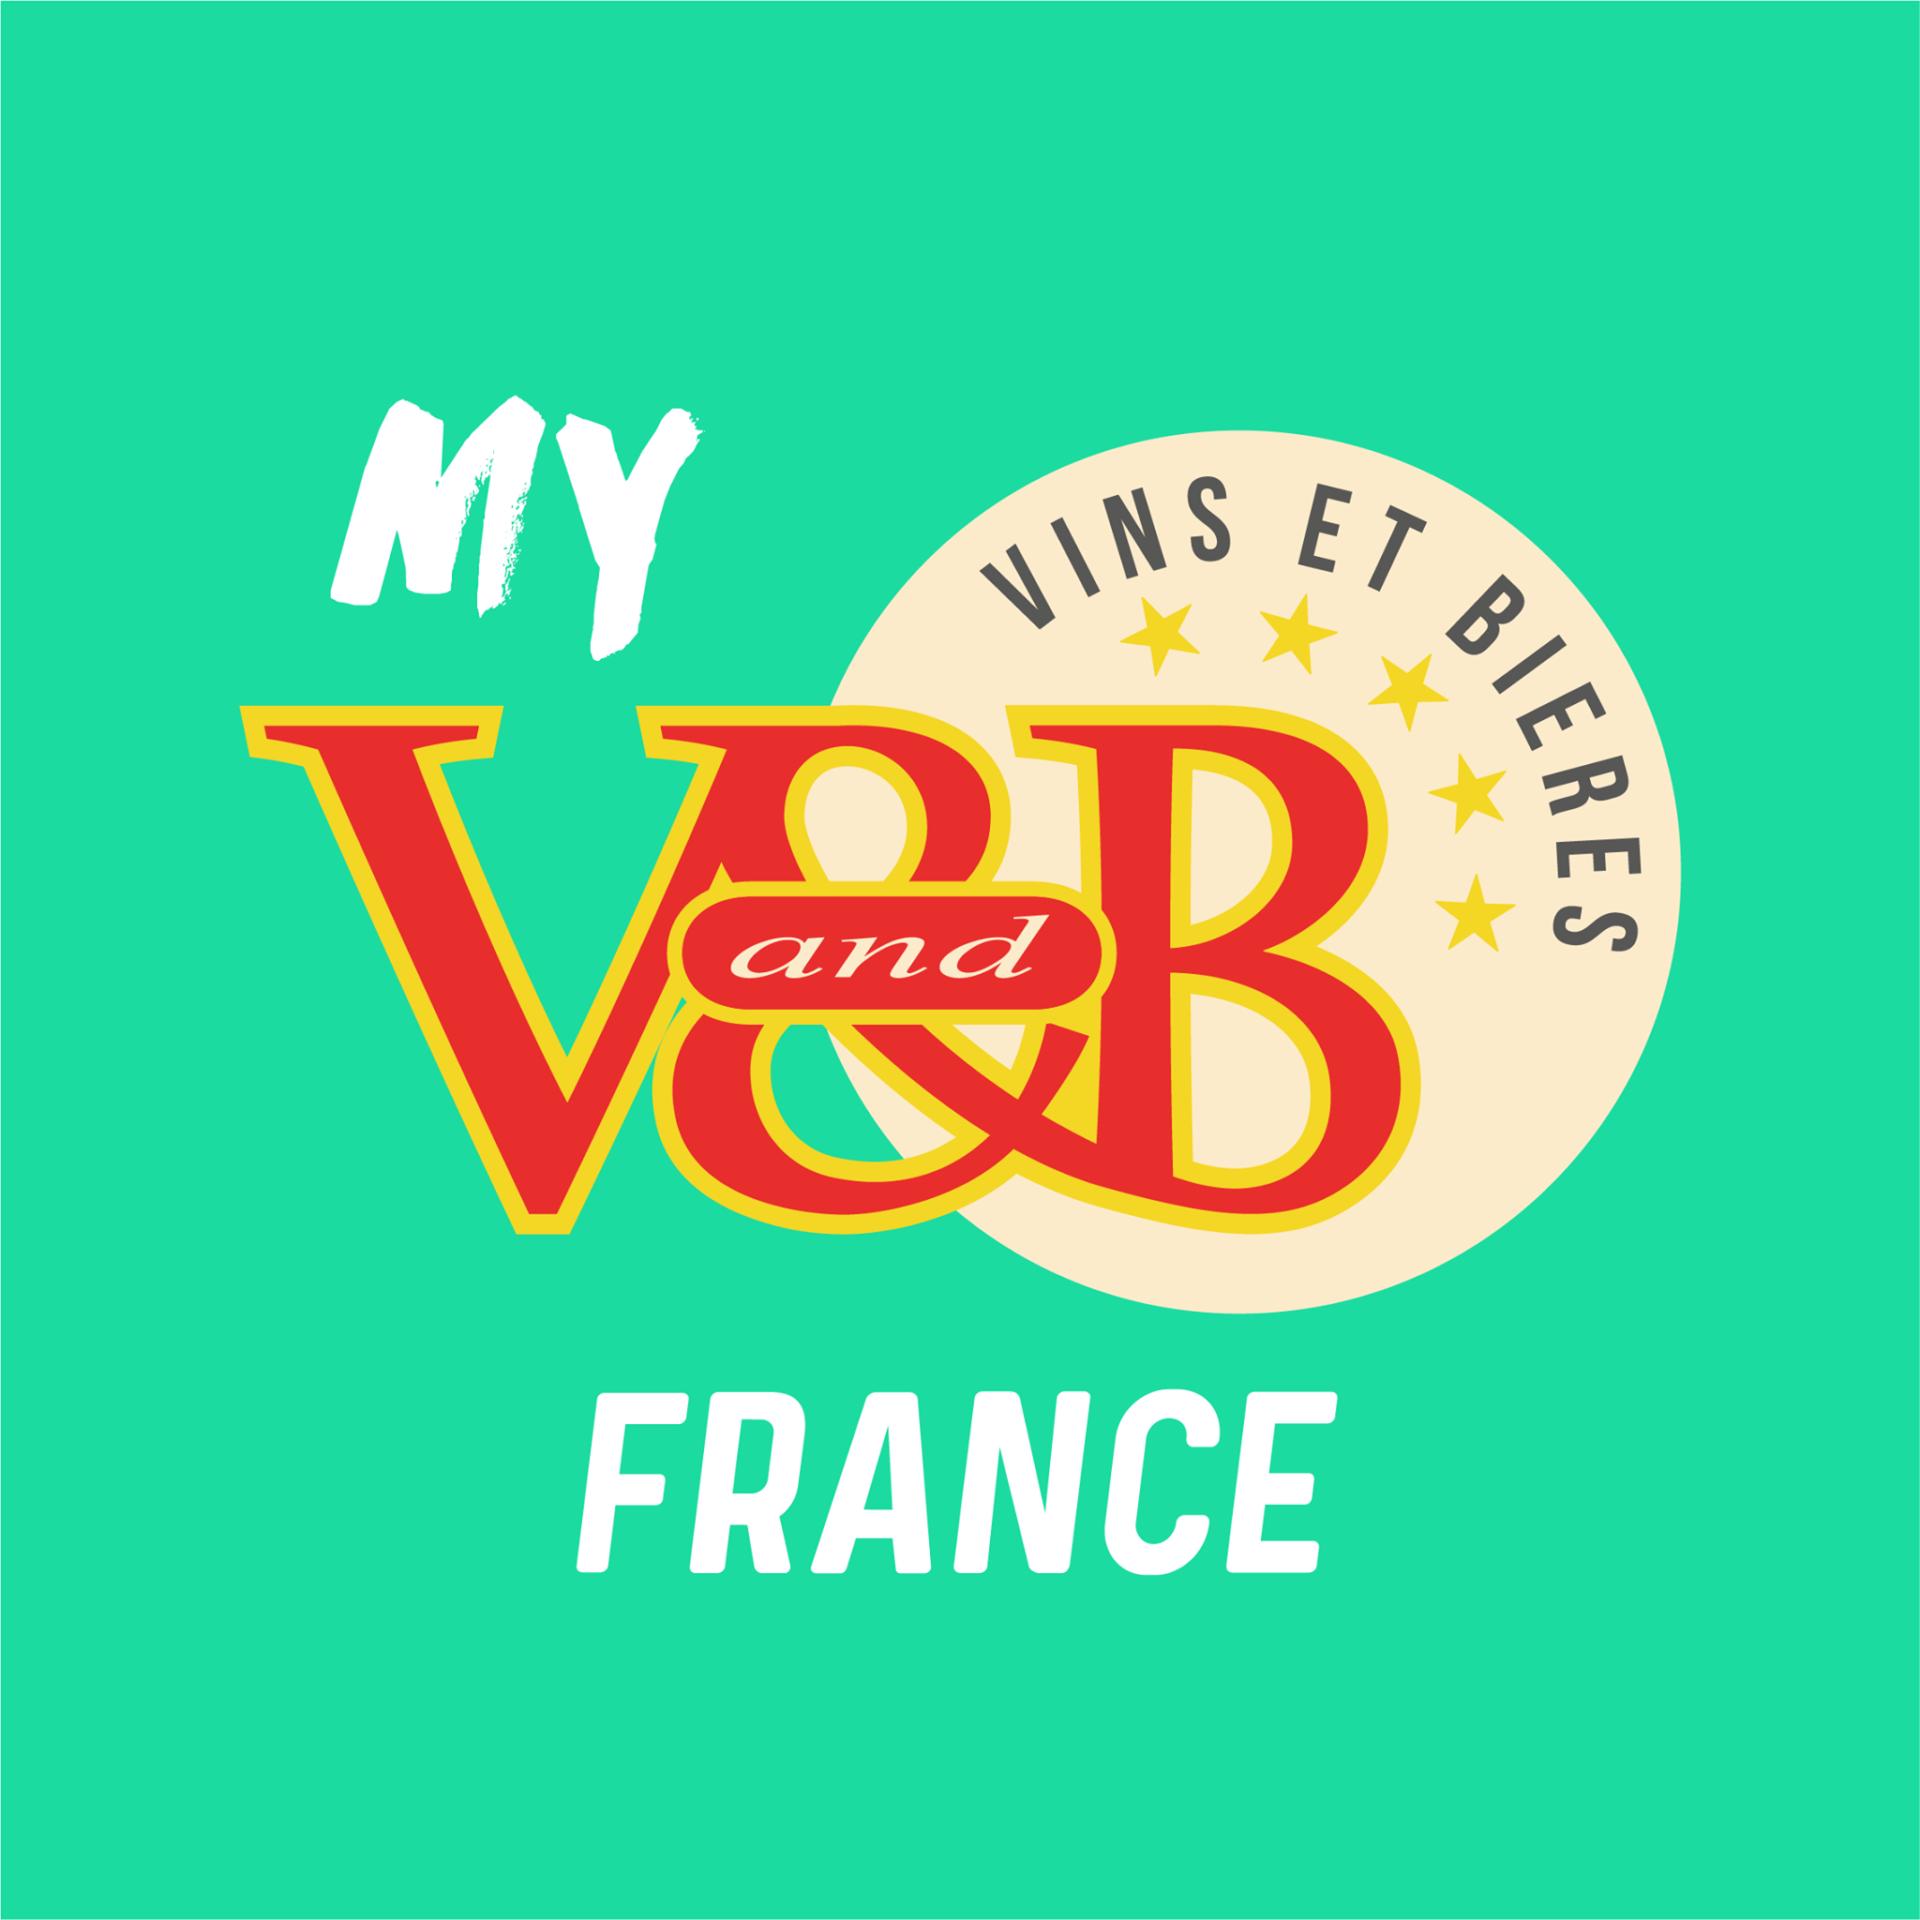 V and B – vins et bières